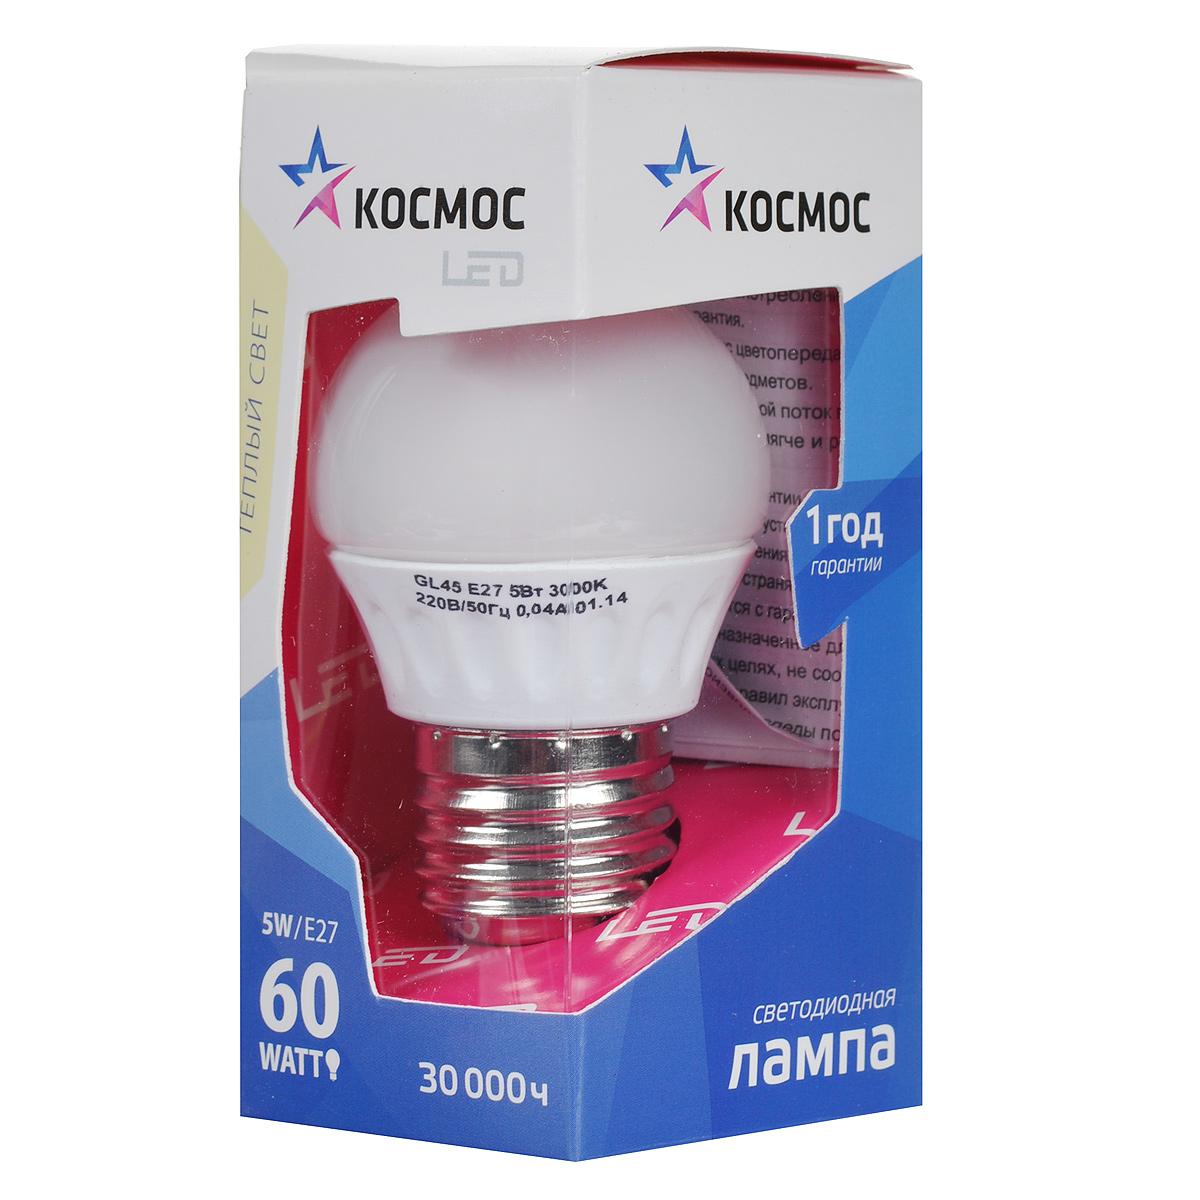 Светодиодная лампа Kosmos, теплый свет, цоколь E27, 5W, 220V